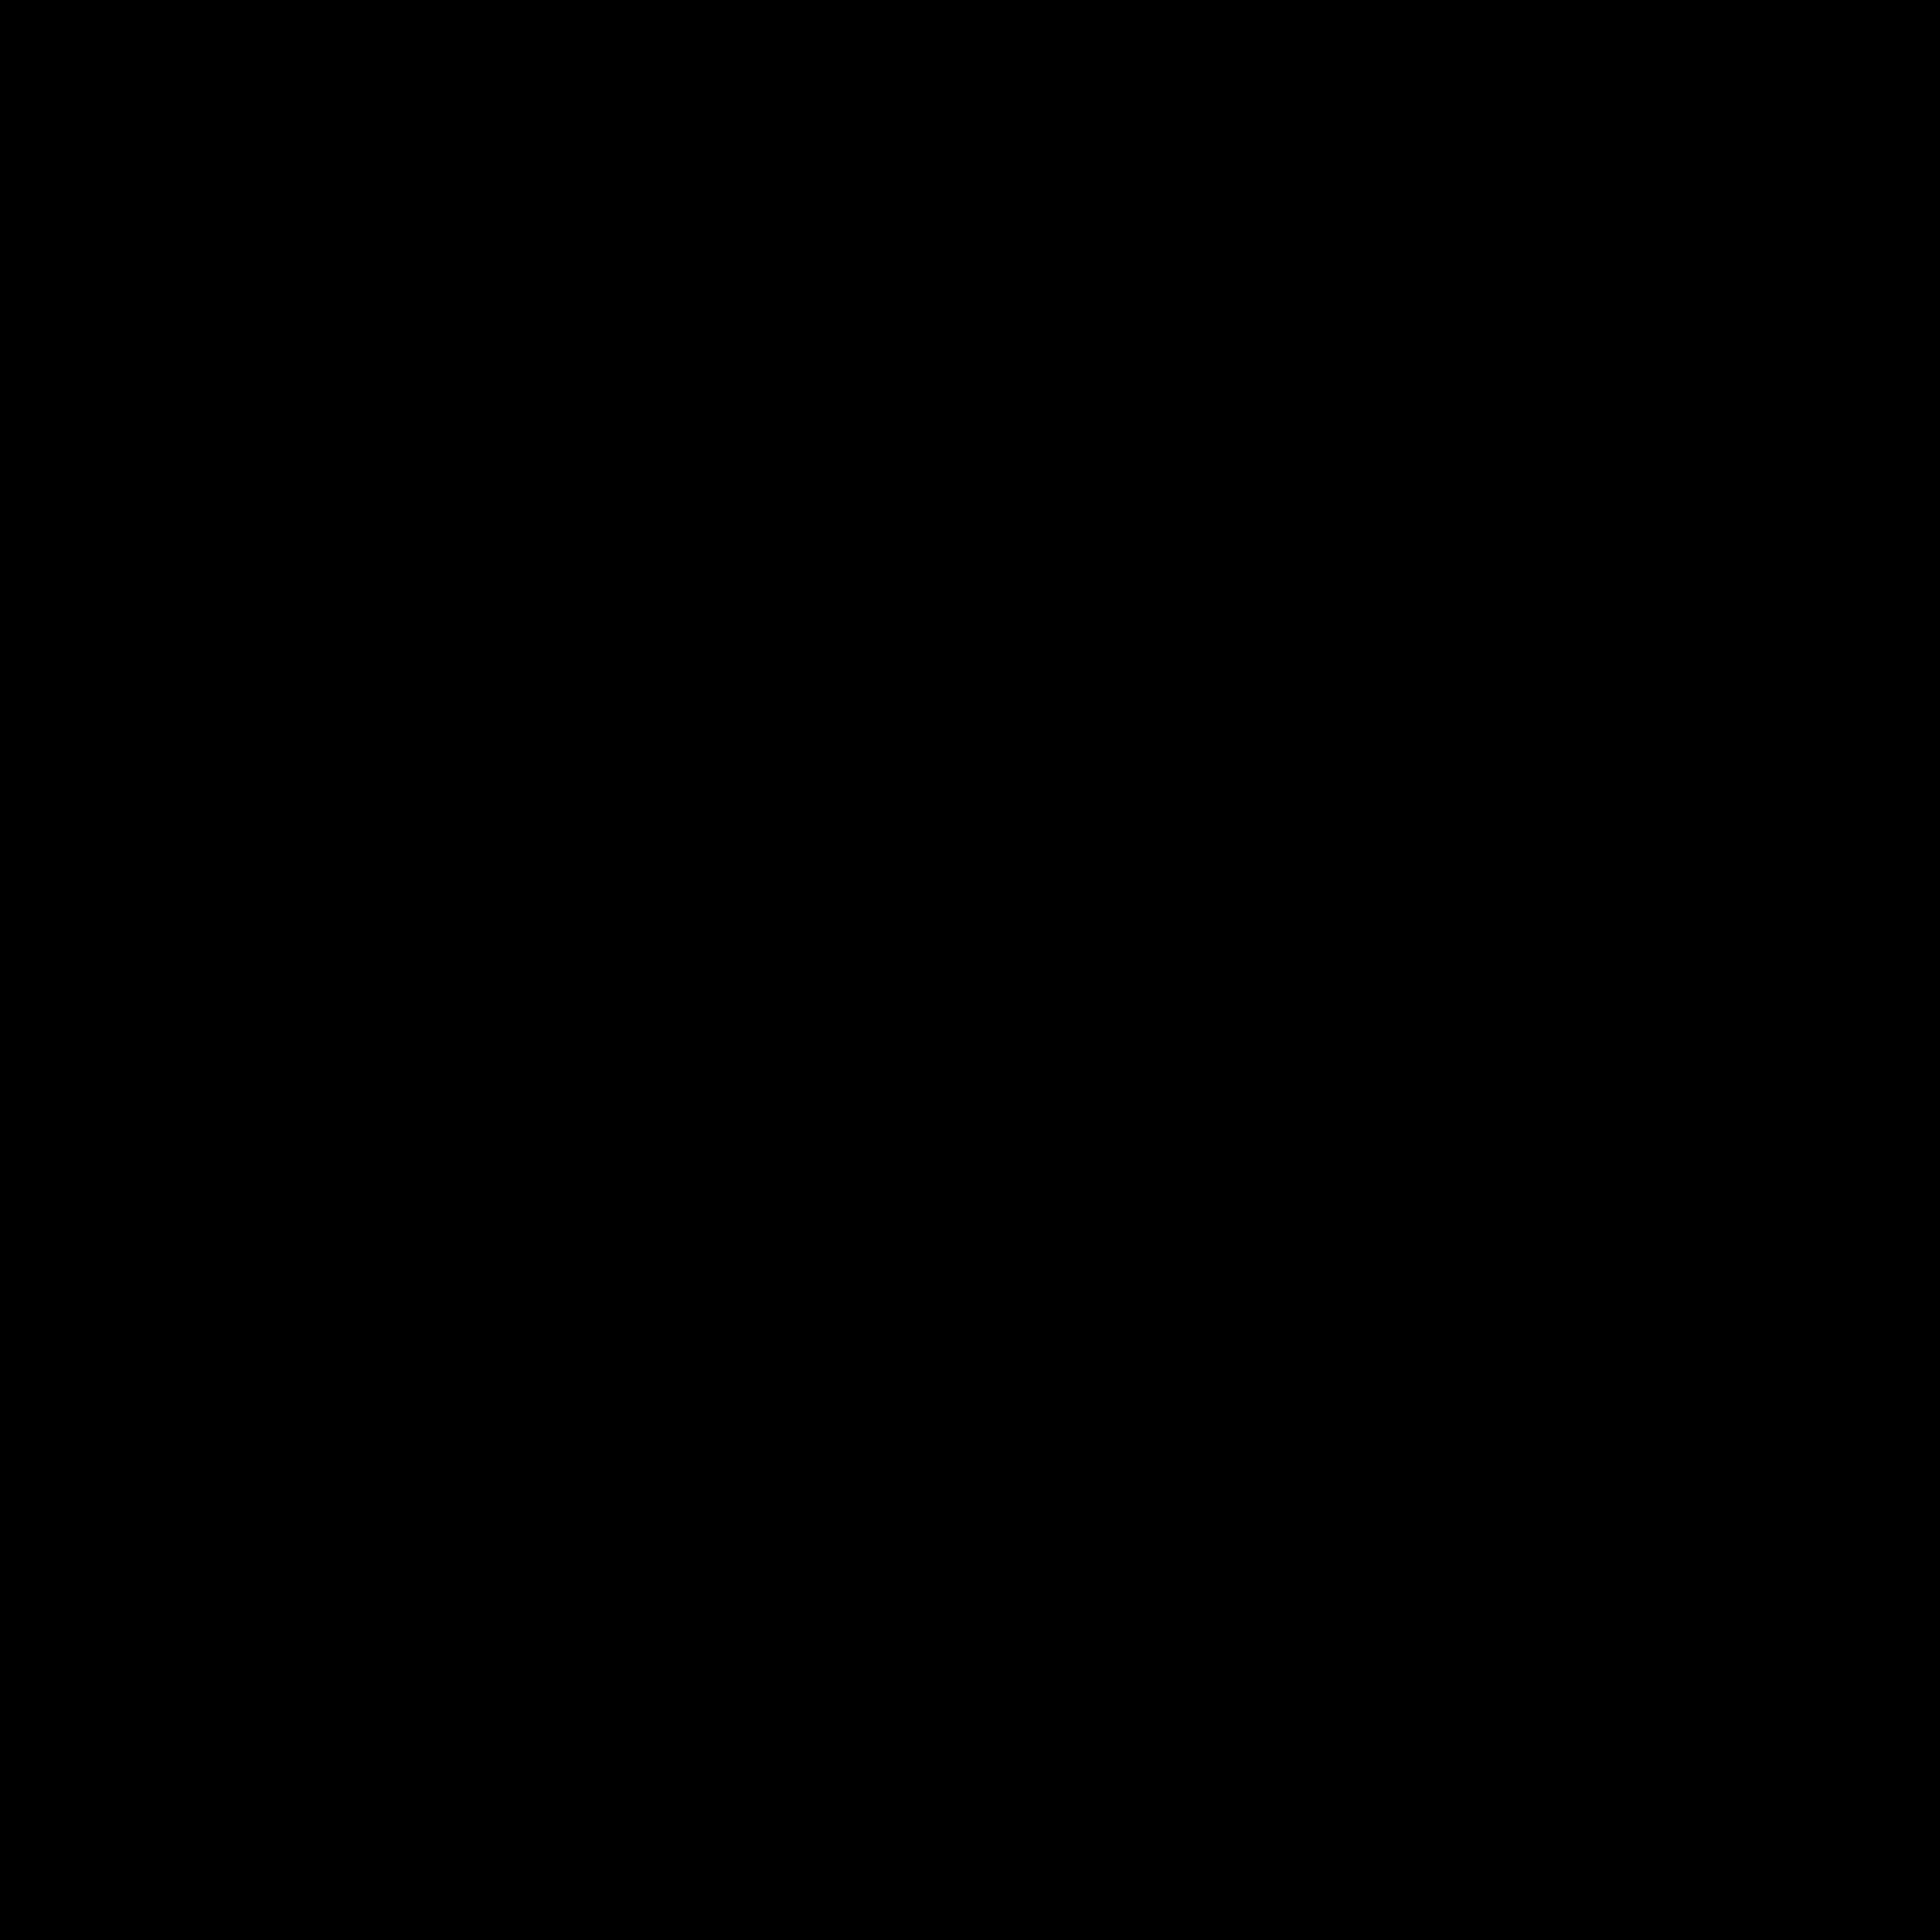 http://www.sunfoto.ch/